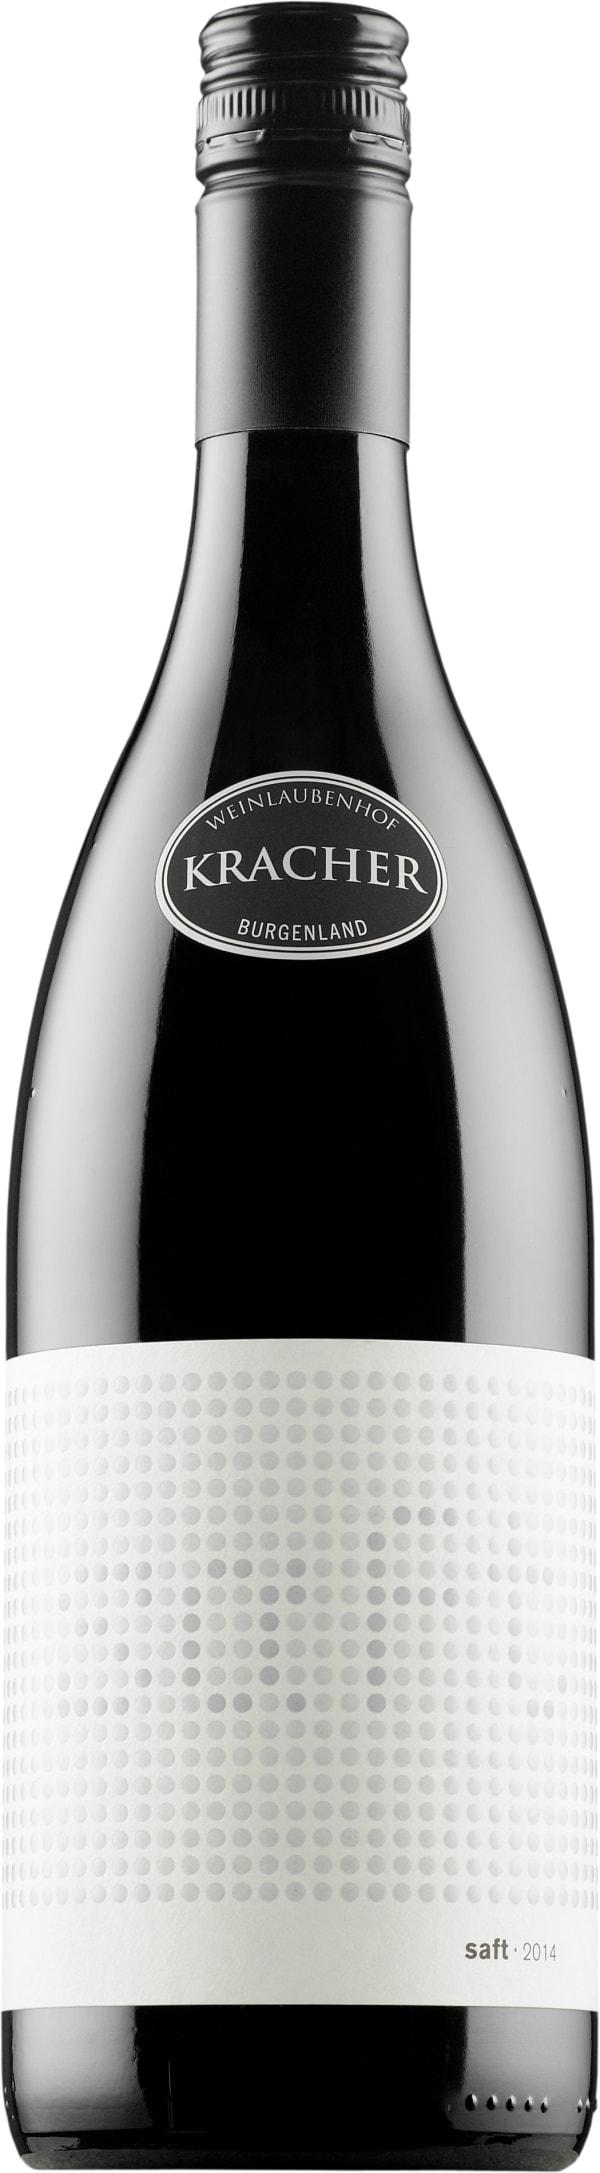 Kracher Zweigelt Saft 2016